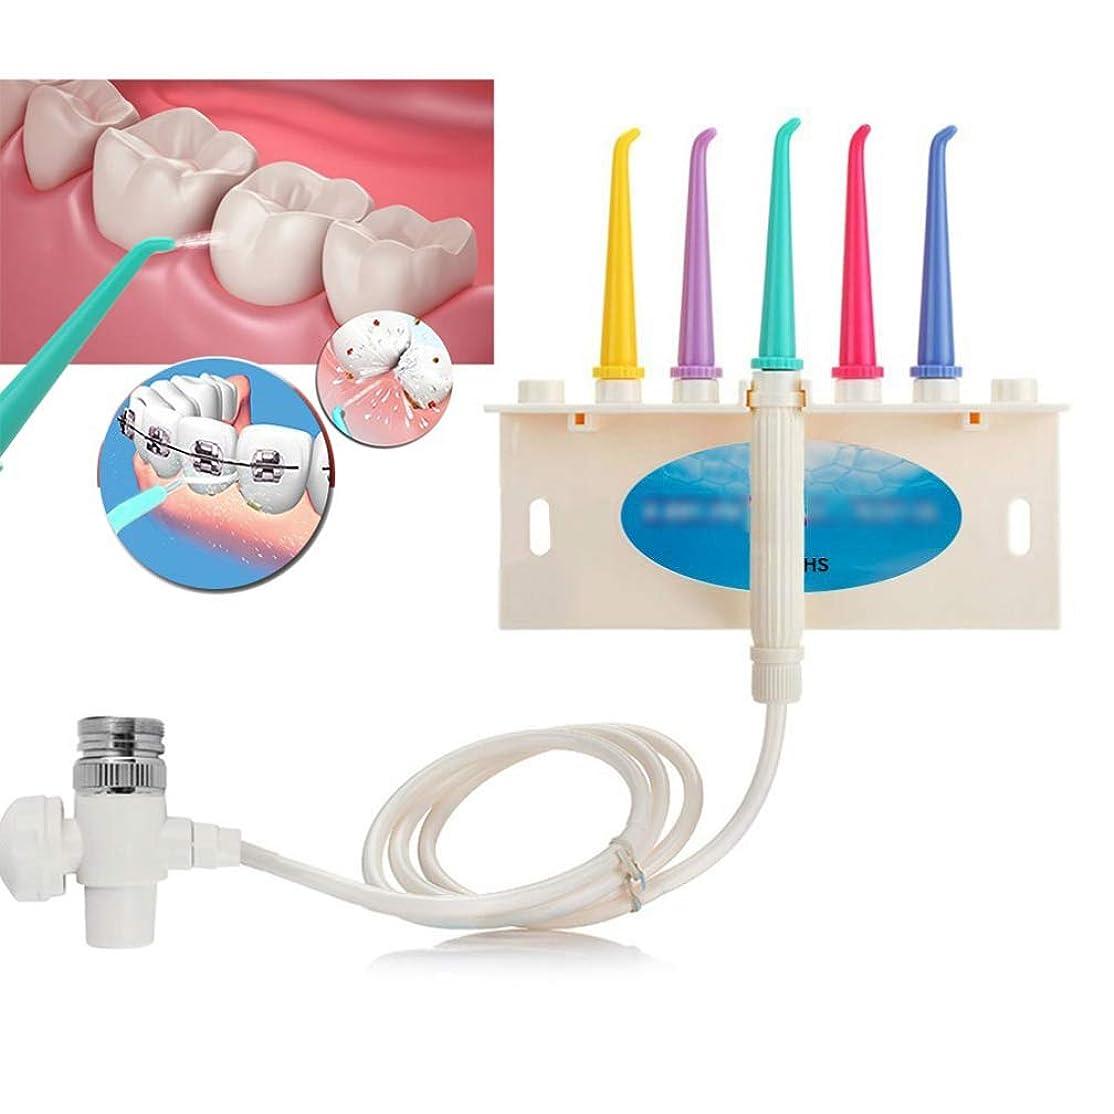 用量化合物インデックス家庭用口腔洗浄機、蛇口洗浄および超微細水流